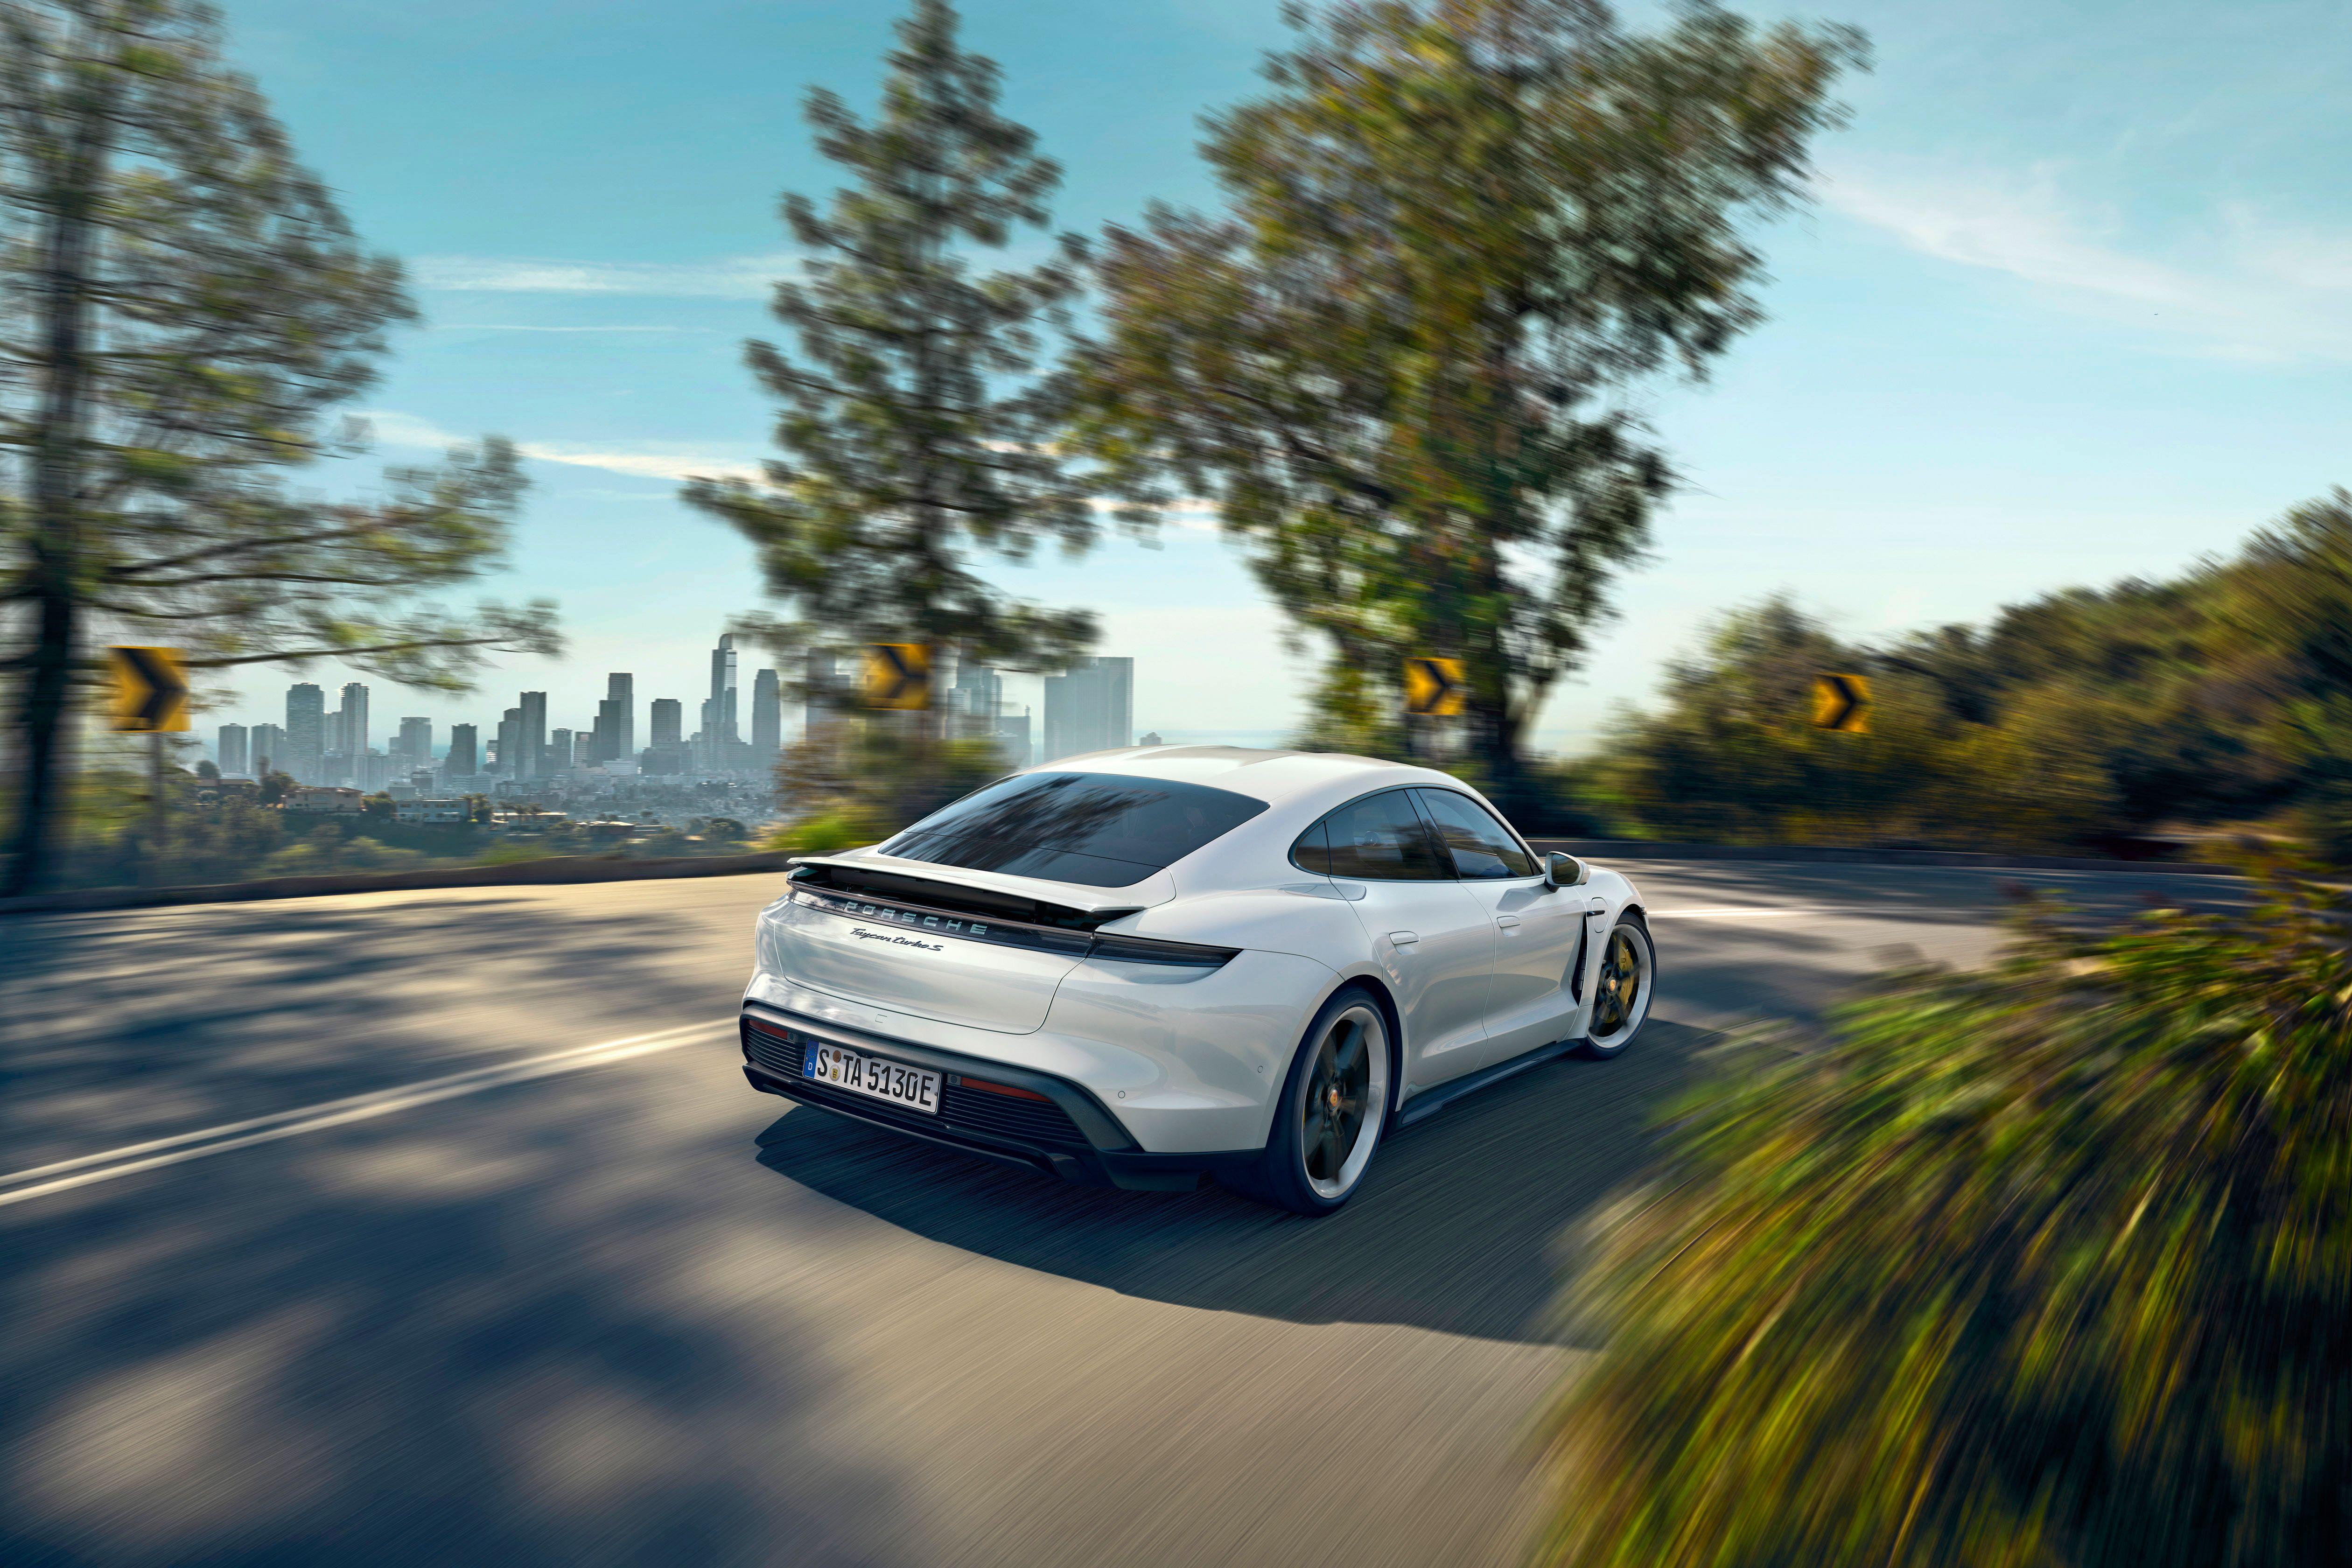 2020 Porsche Taycan EV Everything We Know